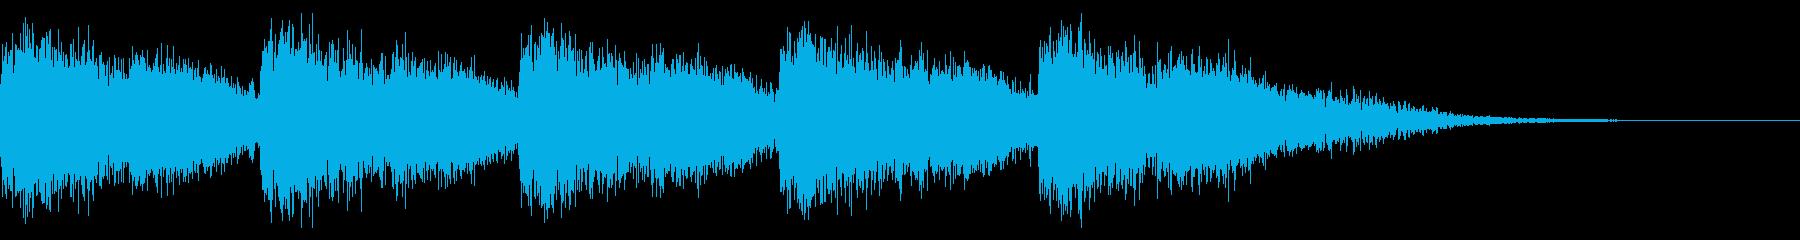 アラート音の再生済みの波形